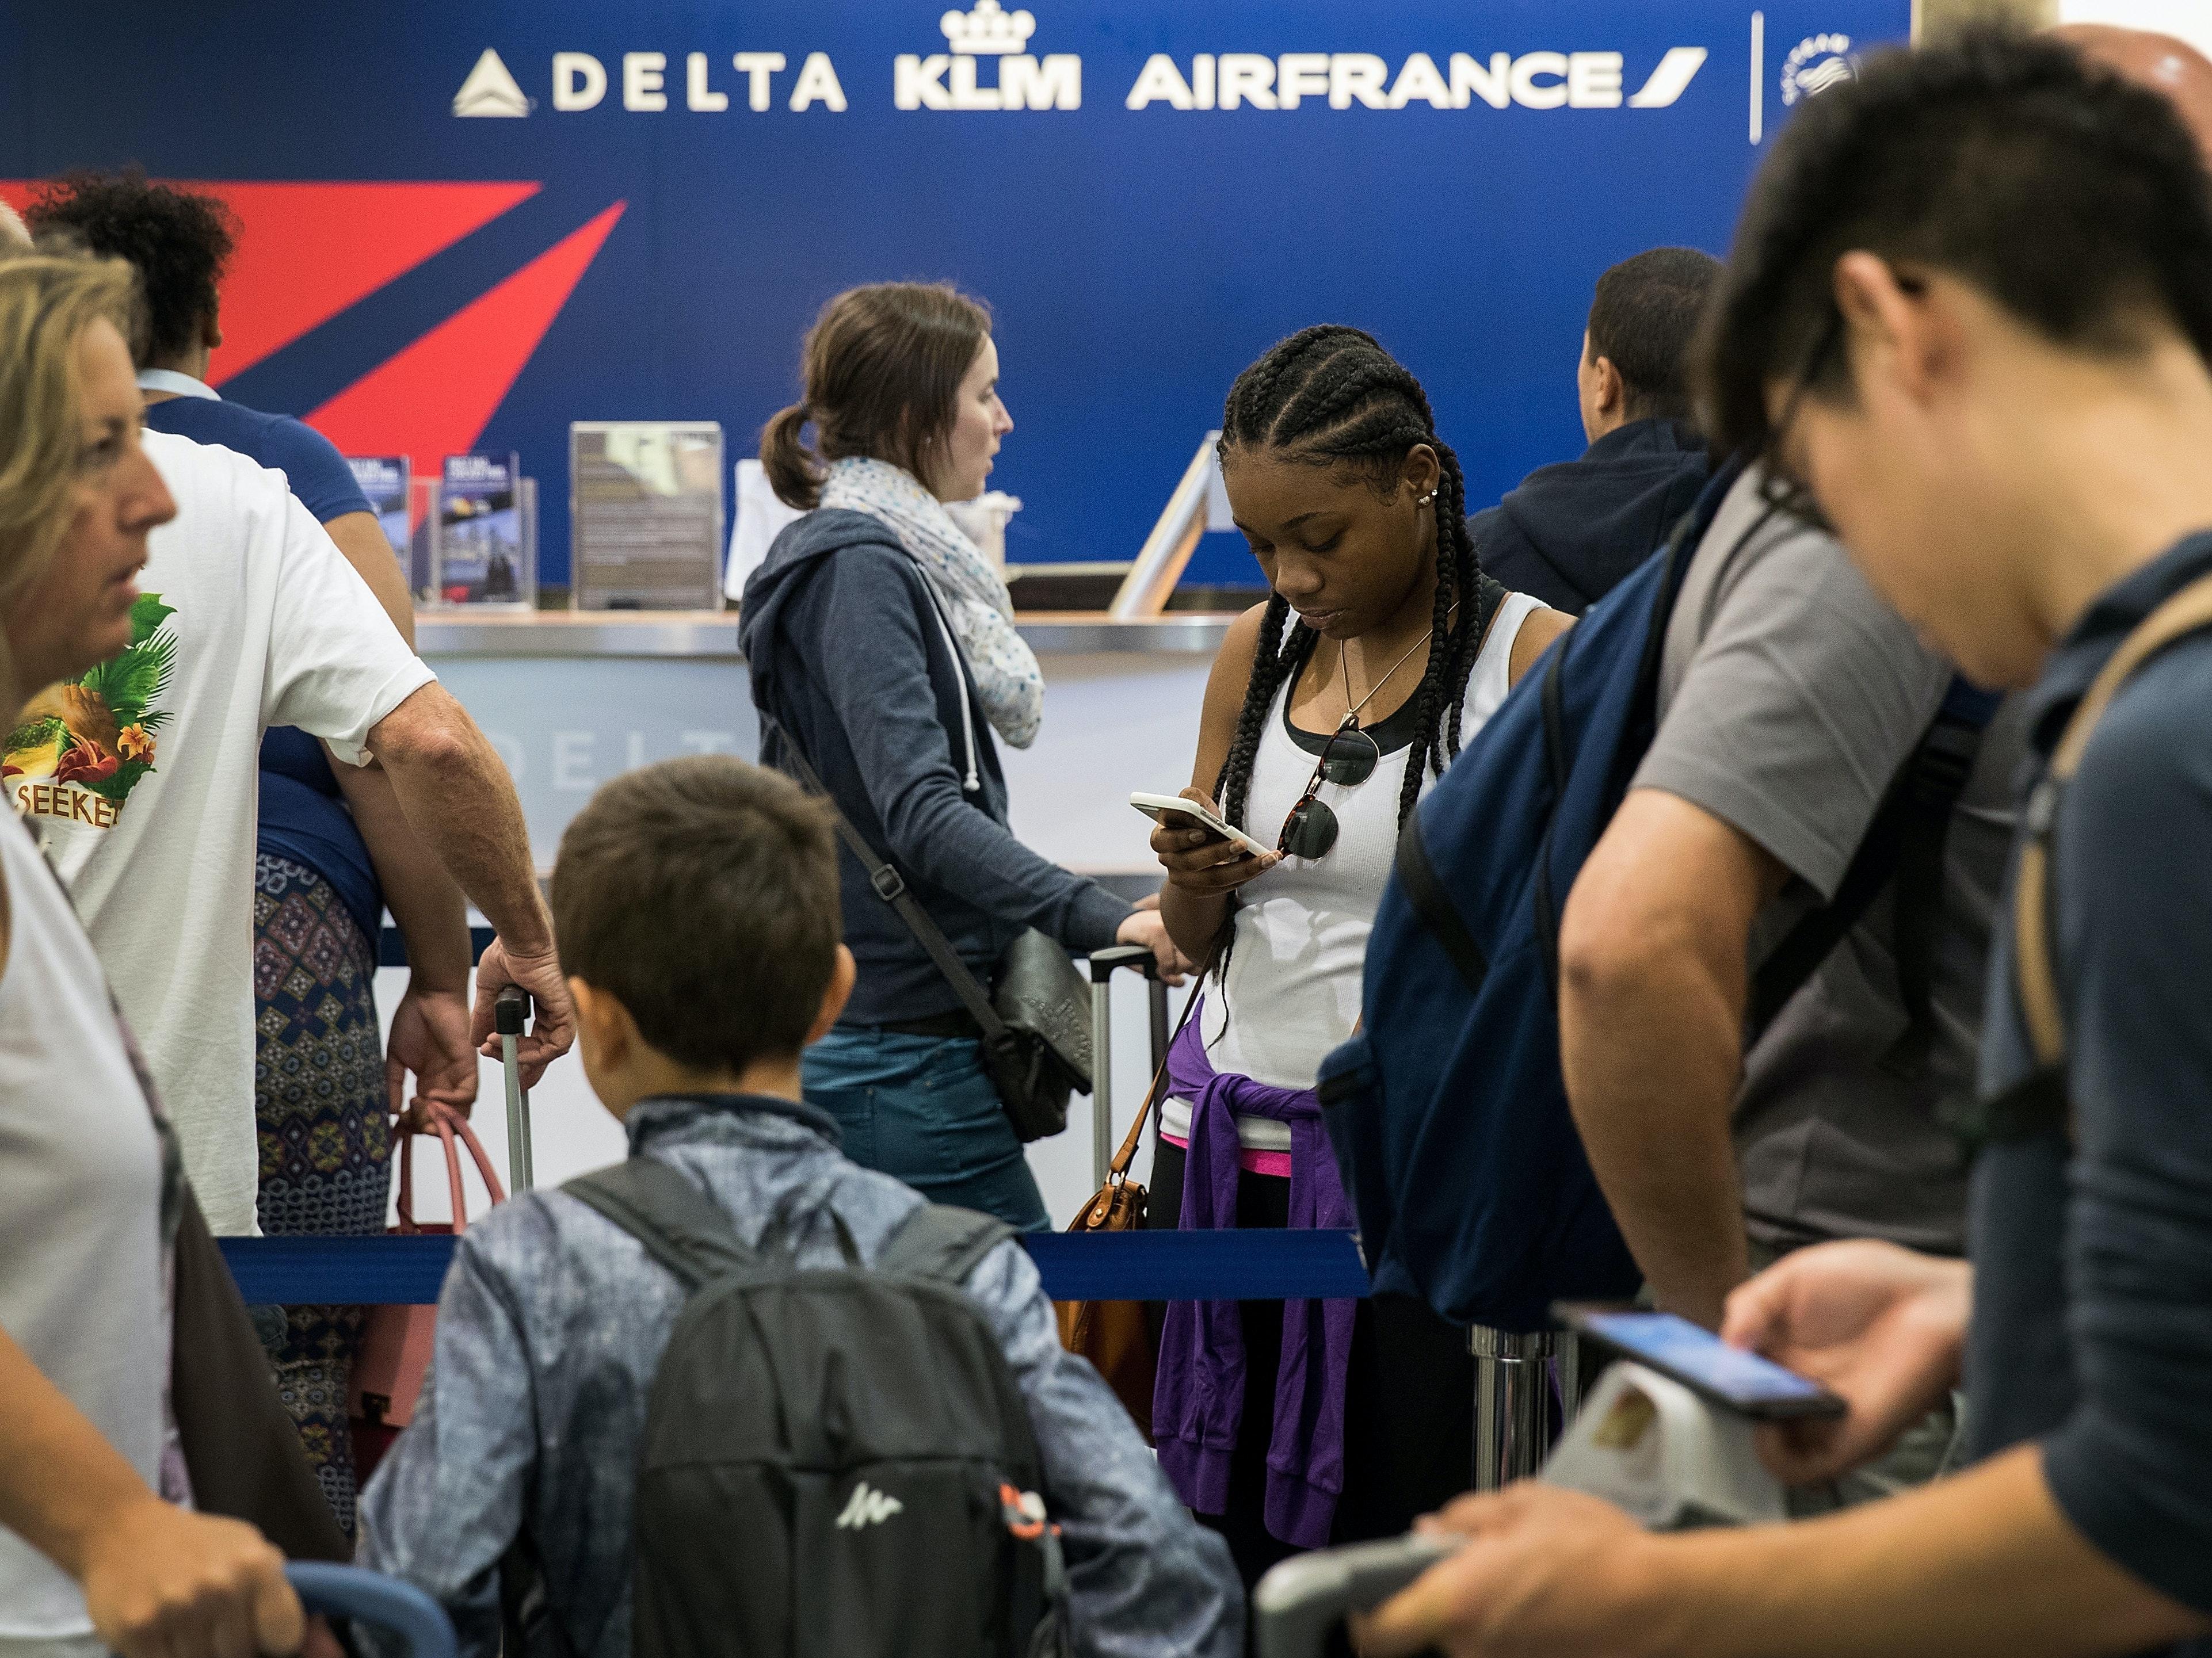 Delta's IT Fiasco Still Isn't Over